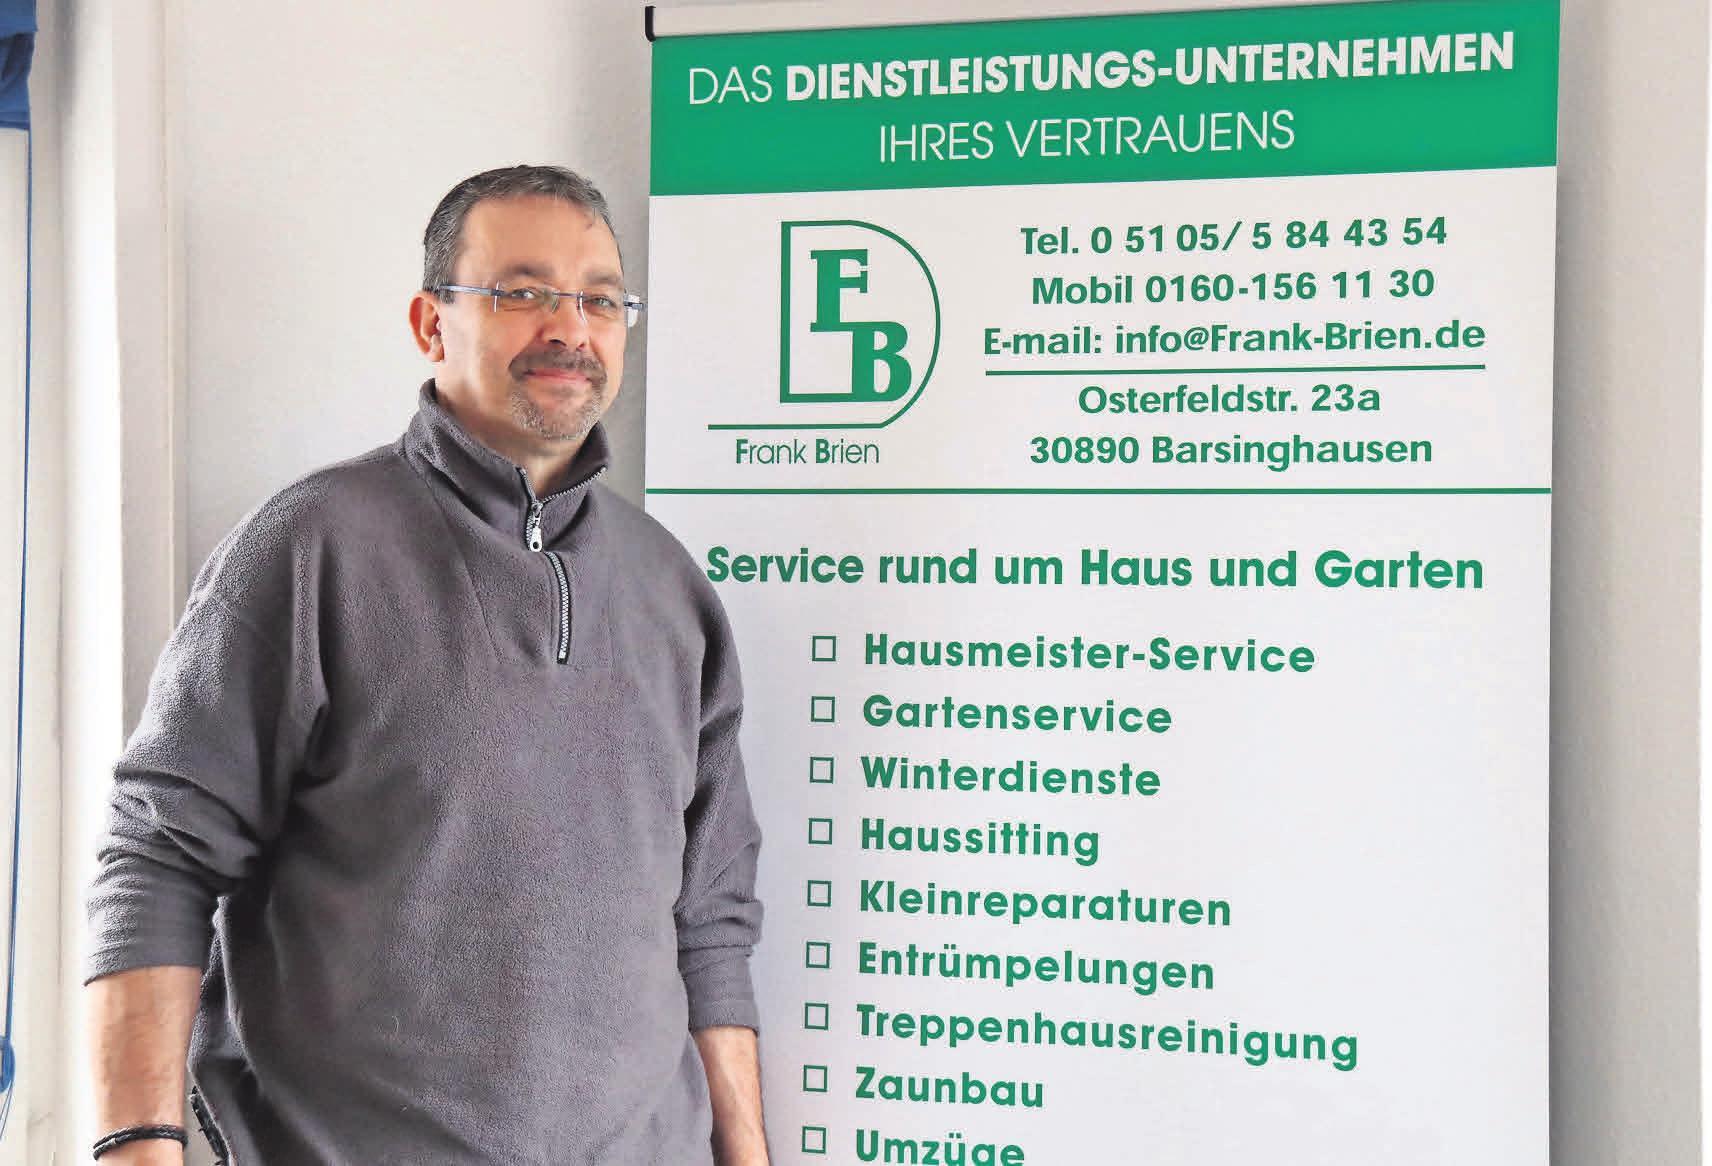 Ein starkes Team, bestehend aus Gärtnern, Fliesenlegern, Malern, Metallbauern und weiteren Facharbeitern, arbeitet für Frank Brien Dienstleistungen.